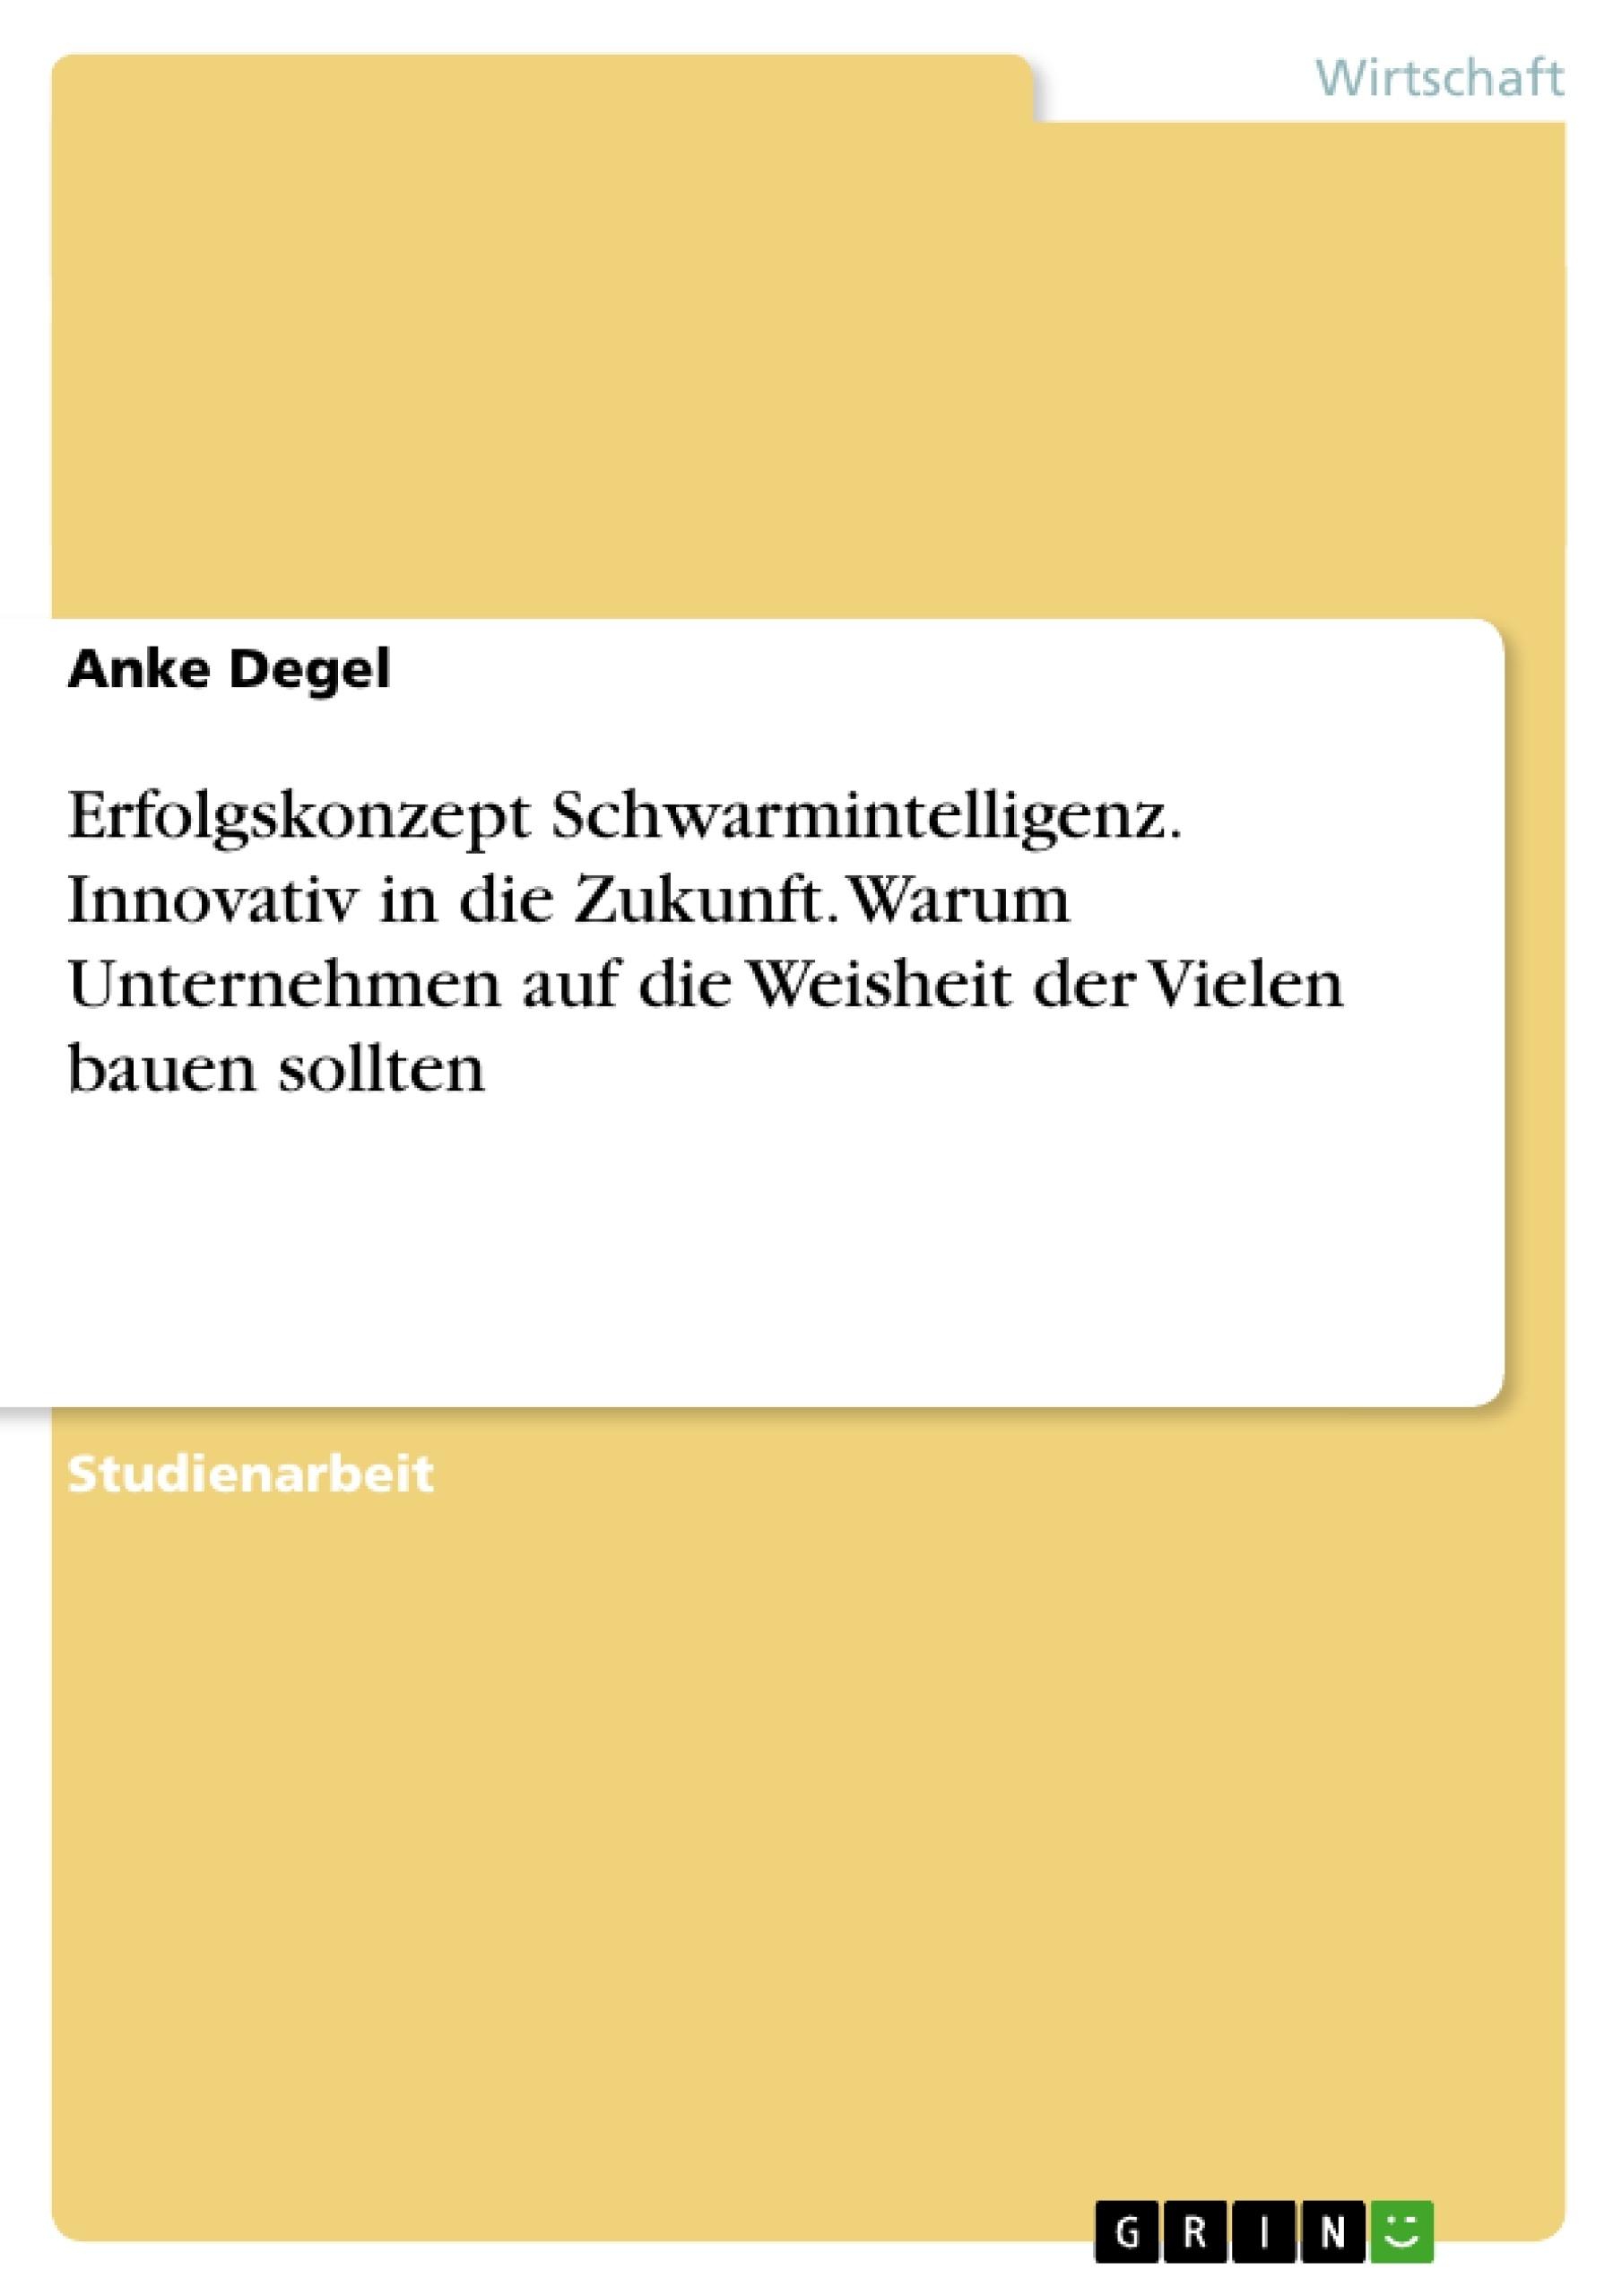 Titel: Erfolgskonzept Schwarmintelligenz. Innovativ in die Zukunft. Warum Unternehmen auf die Weisheit der Vielen bauen sollten